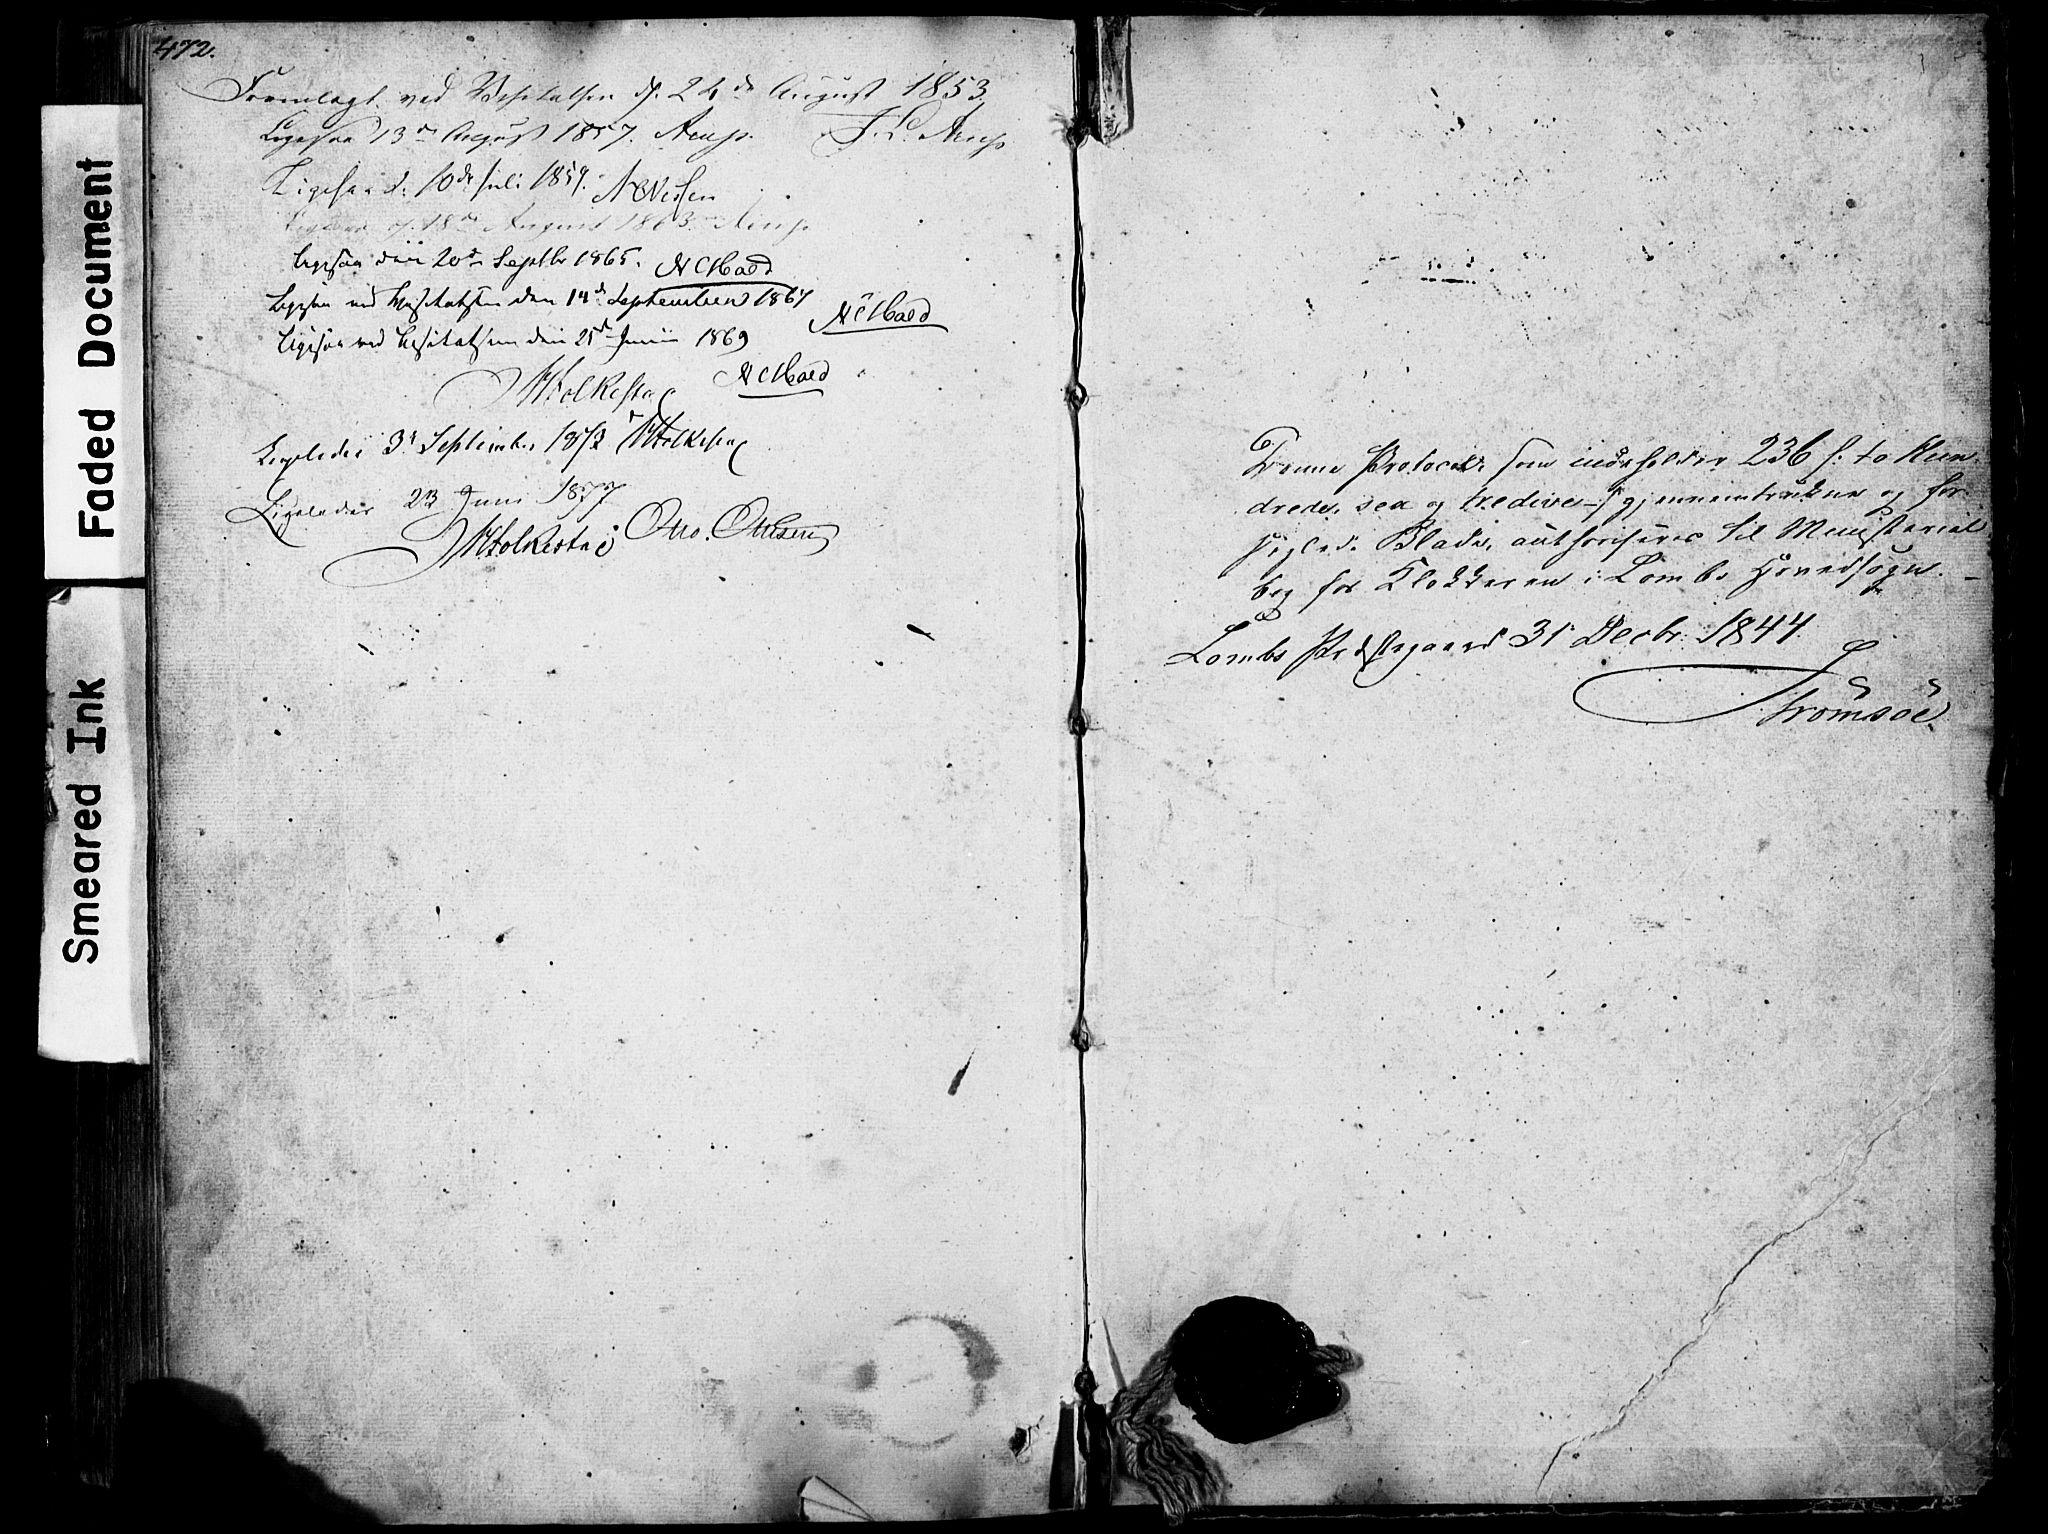 SAH, Lom prestekontor, L/L0012: Klokkerbok nr. 12, 1845-1873